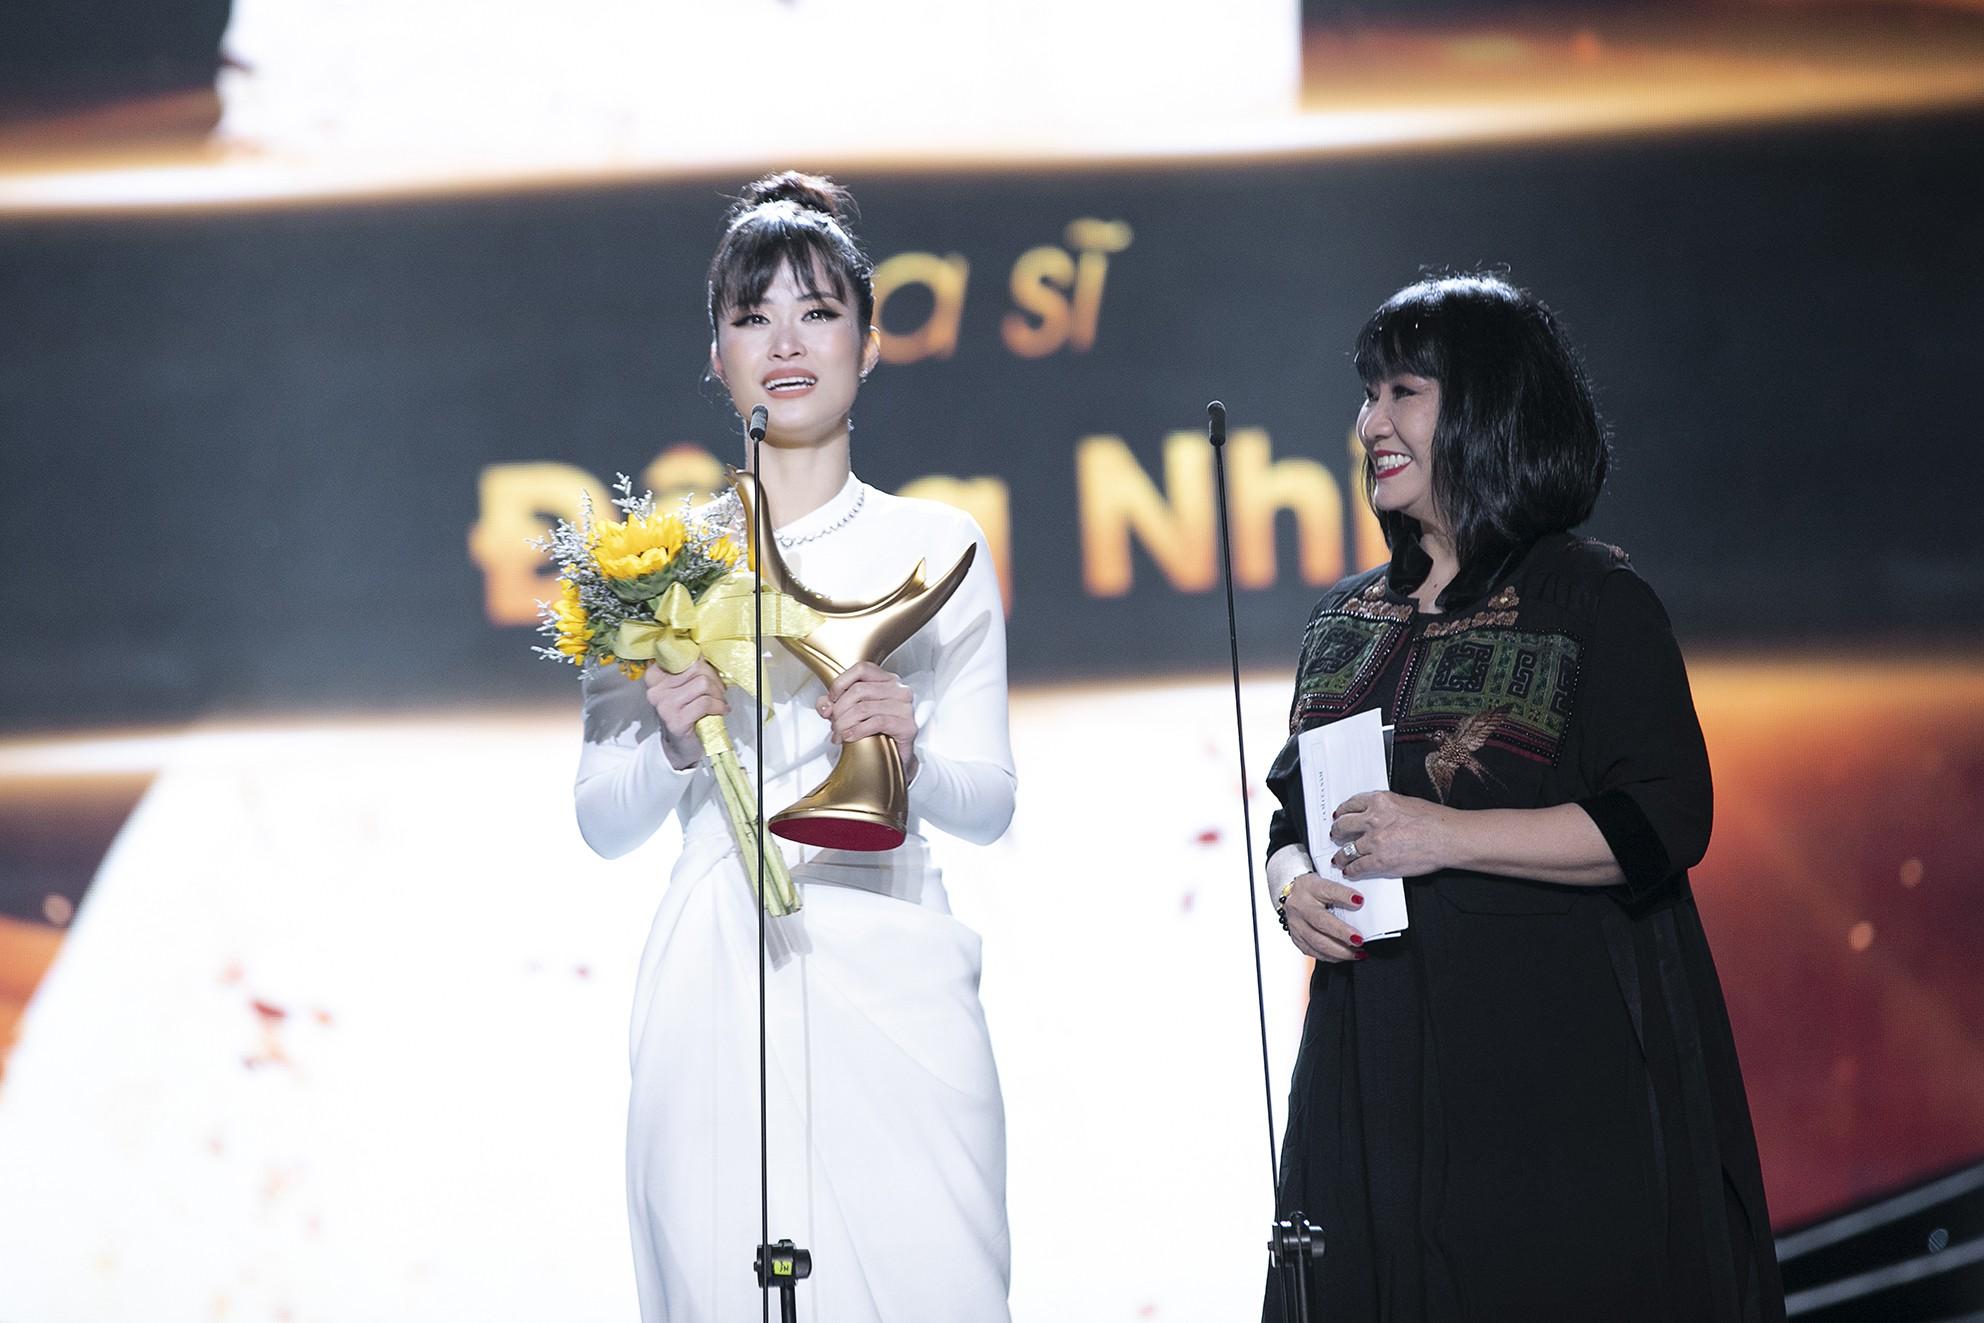 Nhận giải thưởng lớn nhưng hành động của Đông Nhi mới là điều khiến fan tự hào - Ảnh 3.